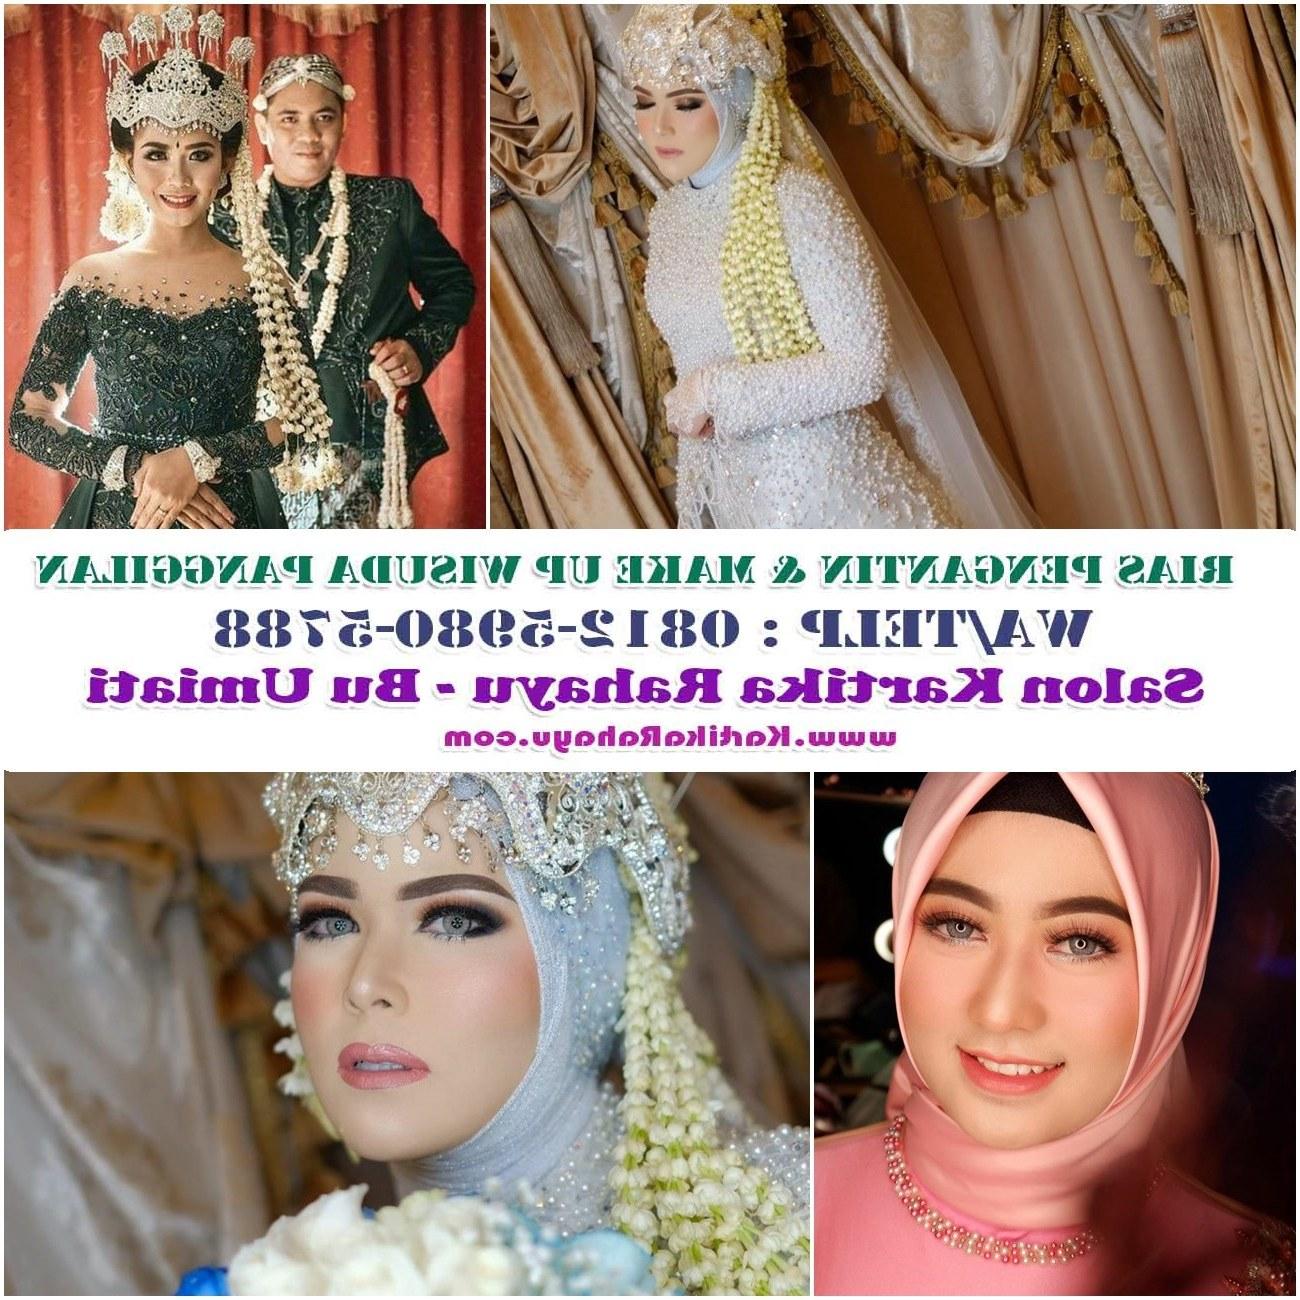 Bentuk Sewa Gaun Pengantin Muslimah Di Bekasi Mndw Rias Pengantin Kota Malang Jawa Timur